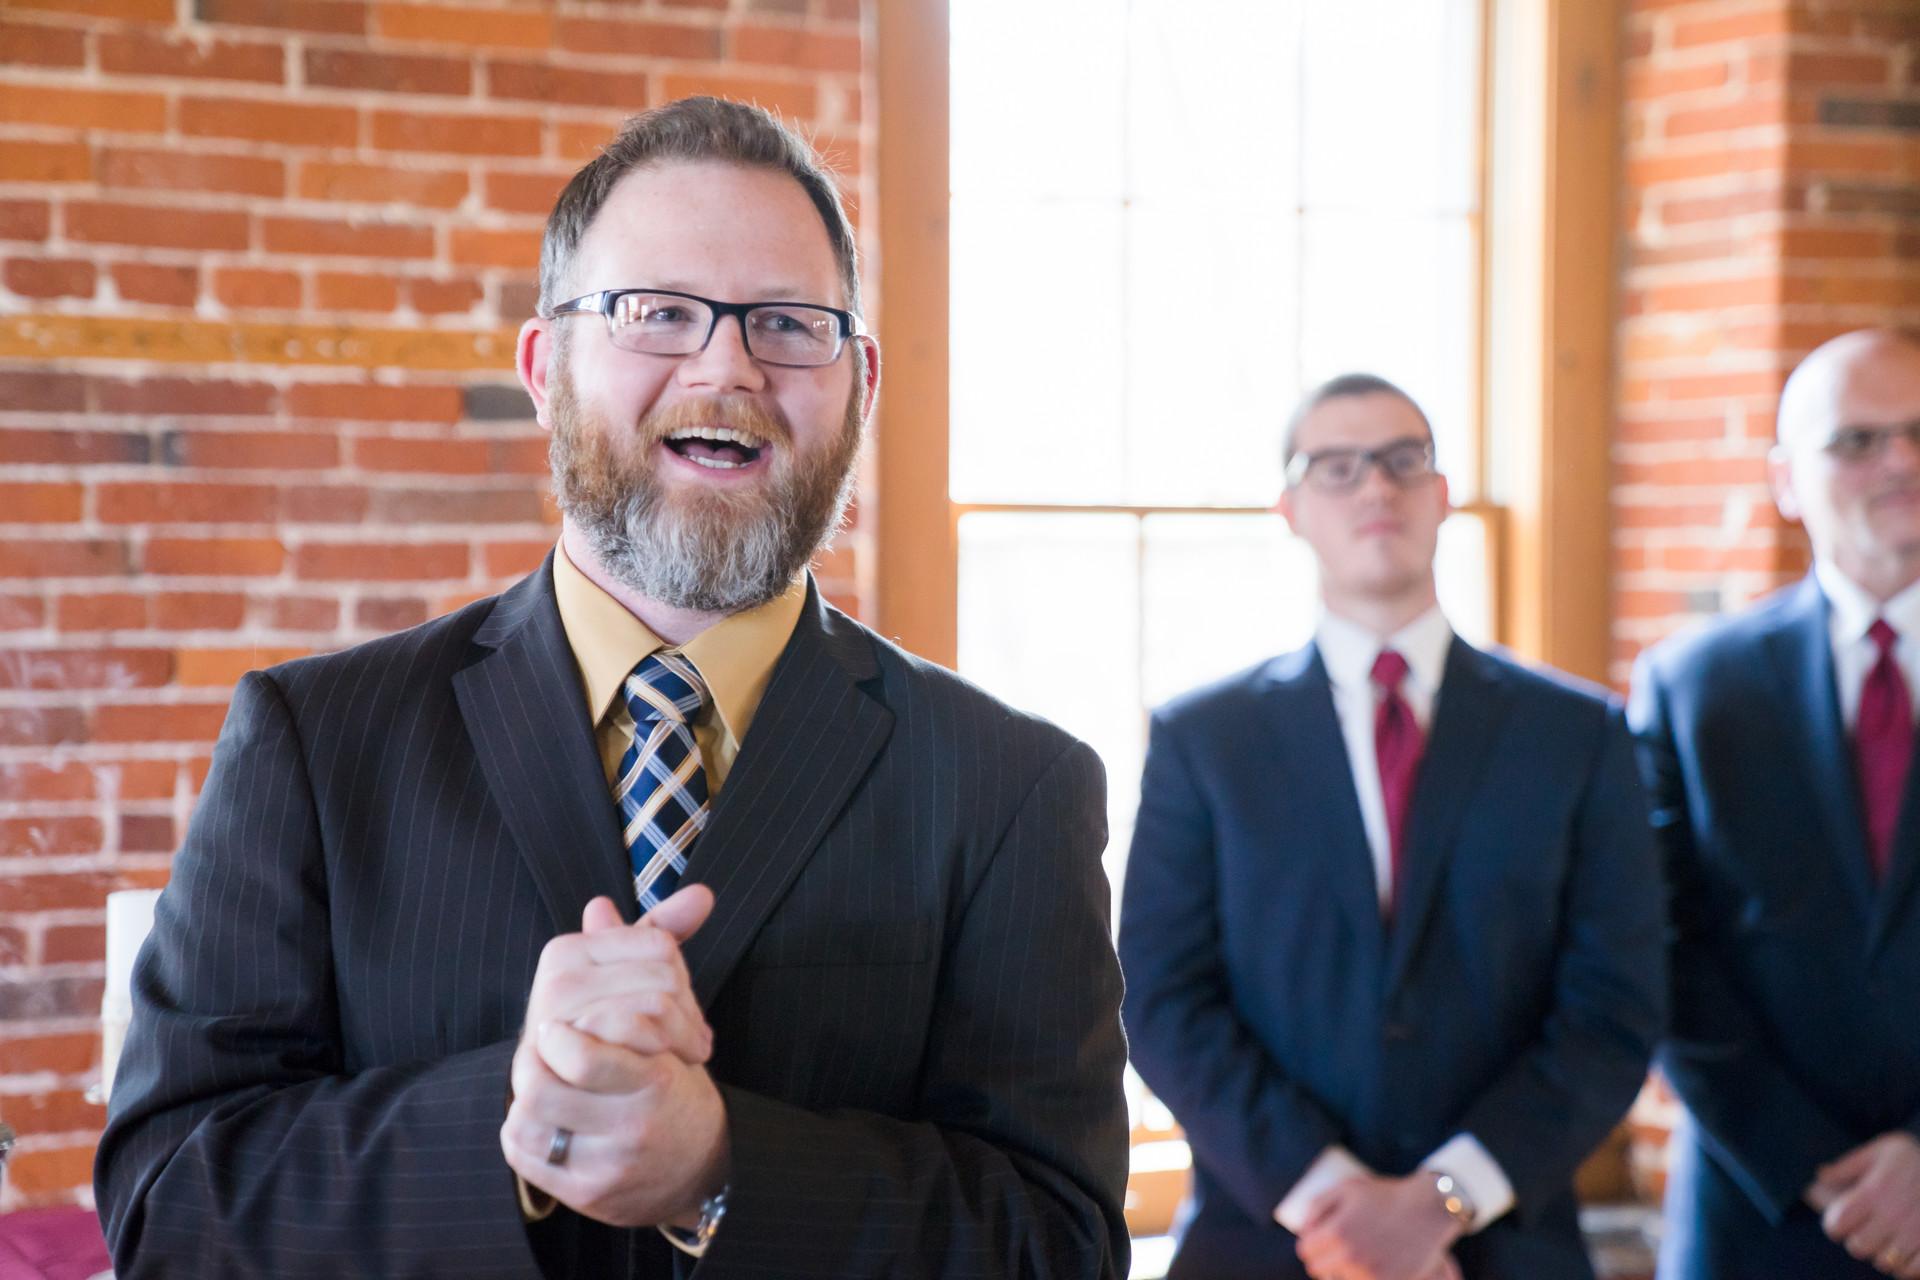 Brown Wedding 41517 (407).jpg